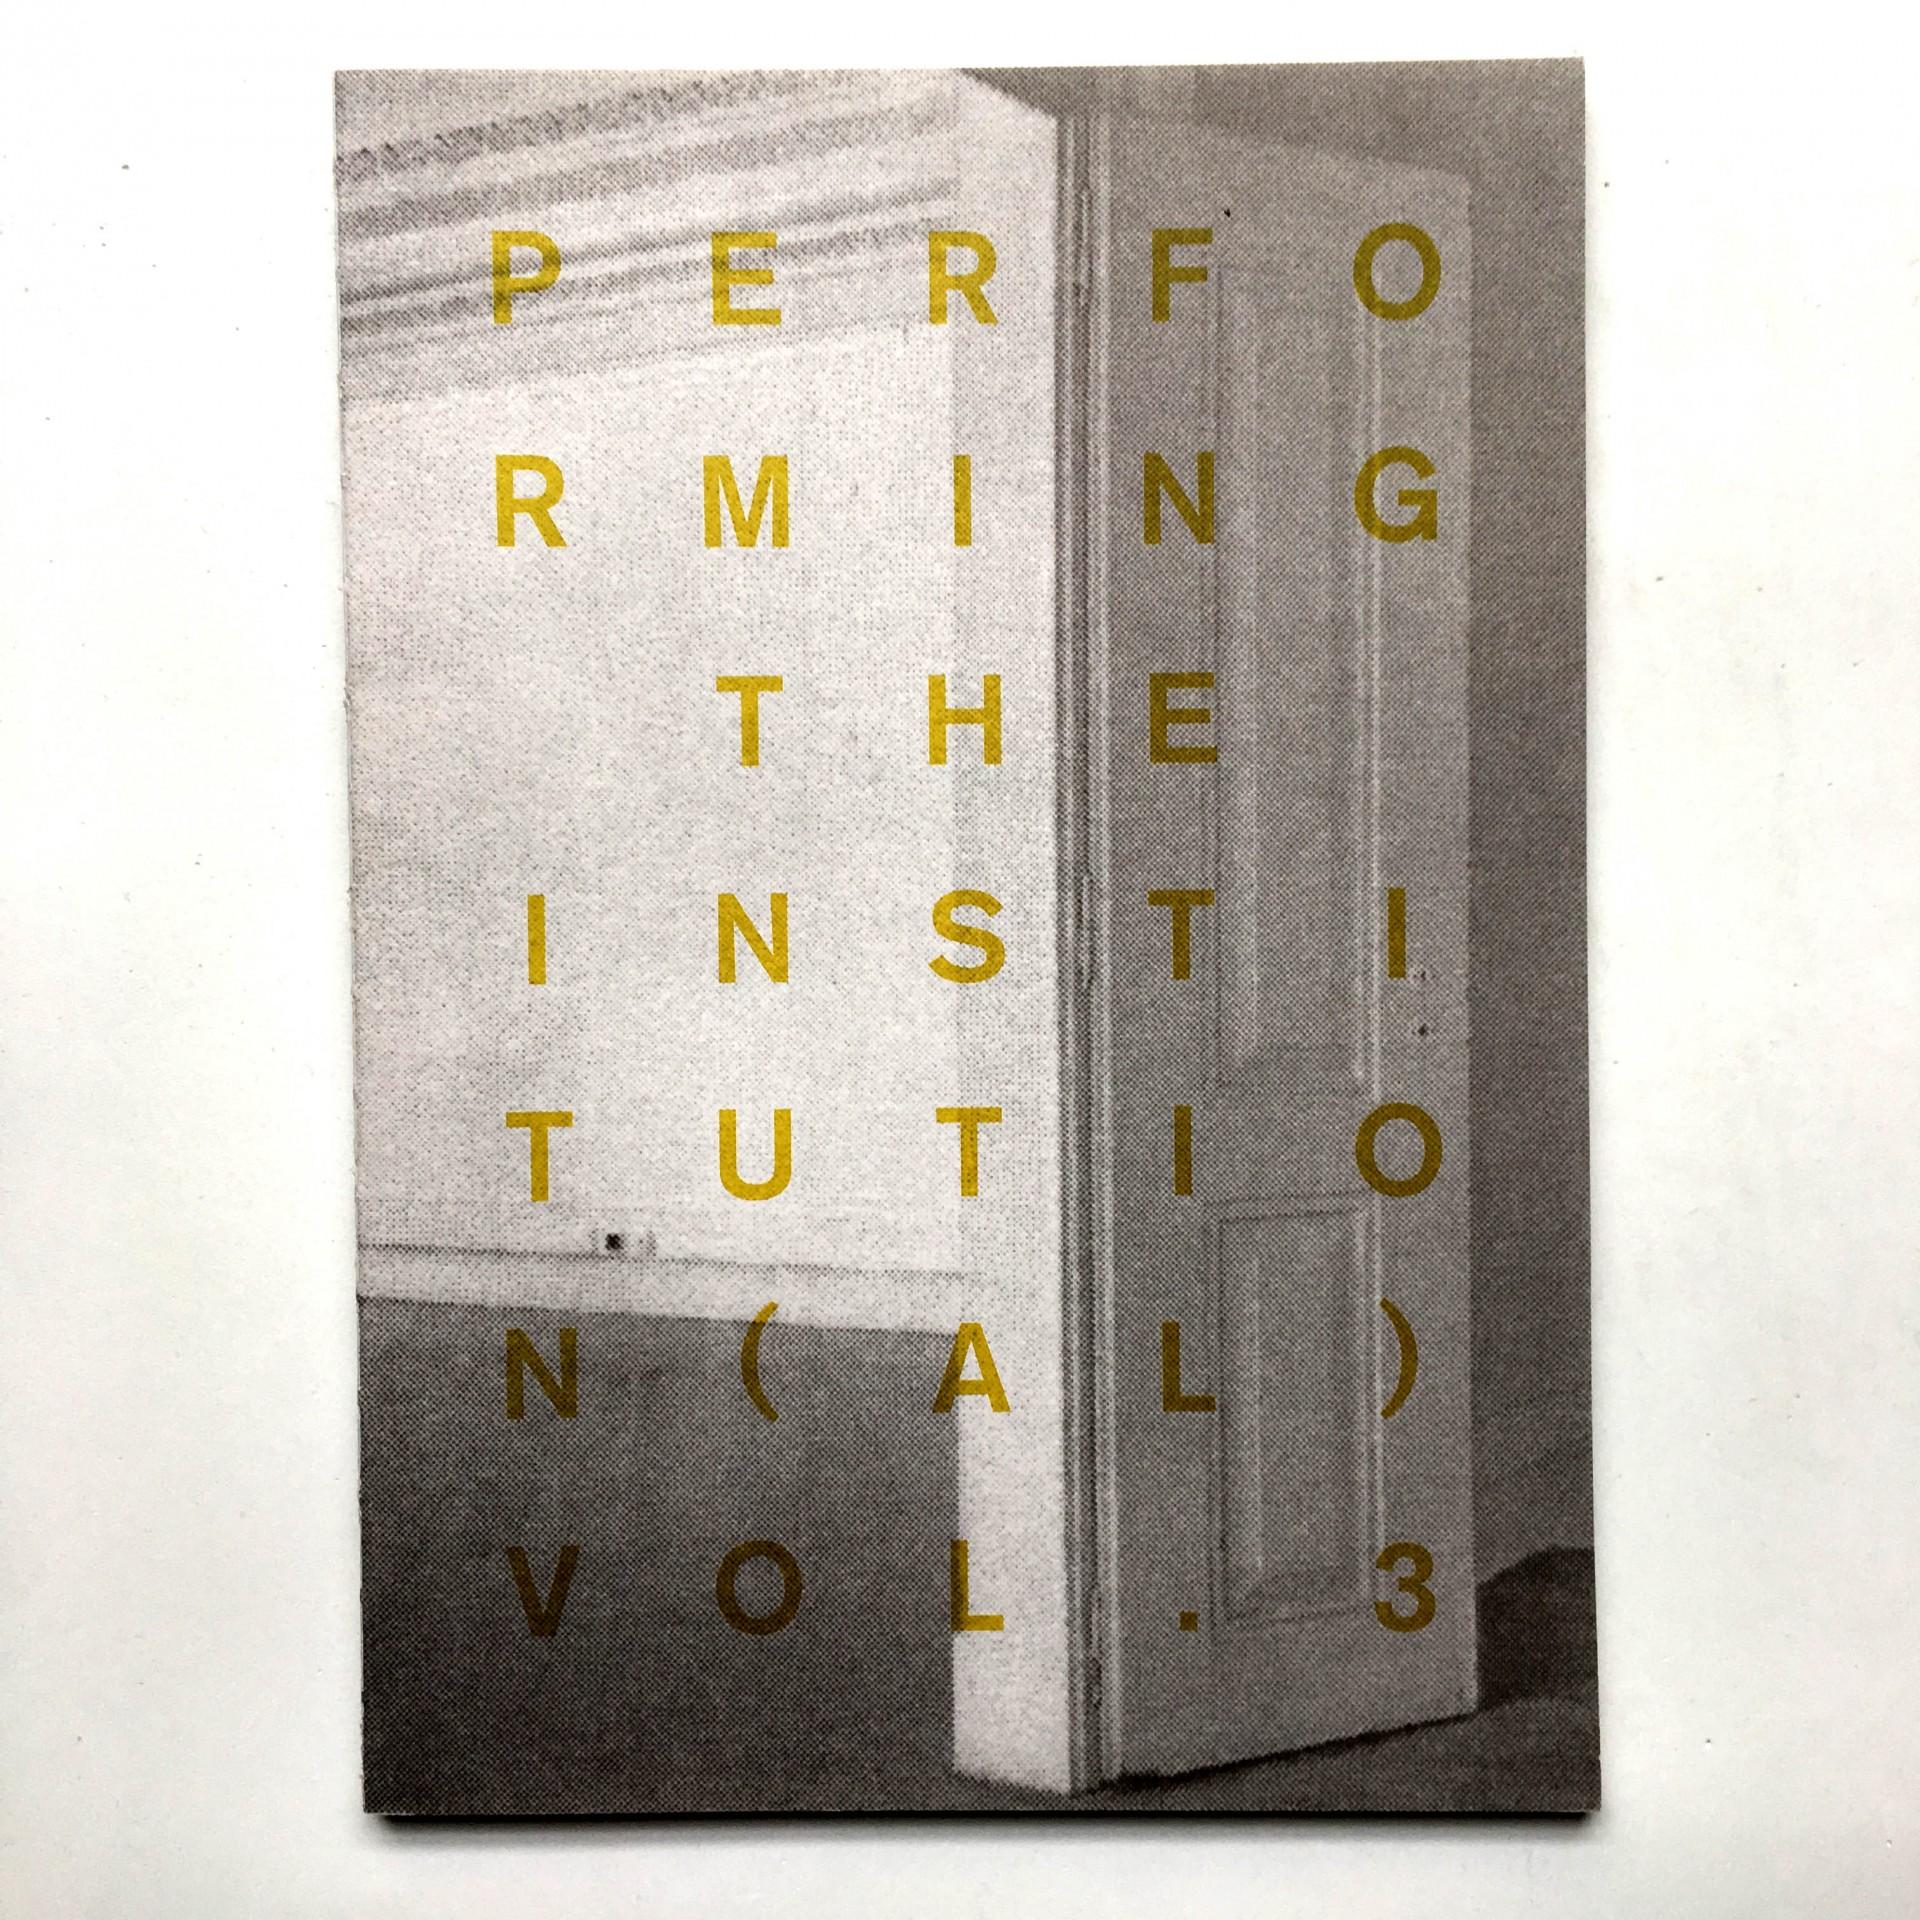 Performing Institution(al) Vol. 3